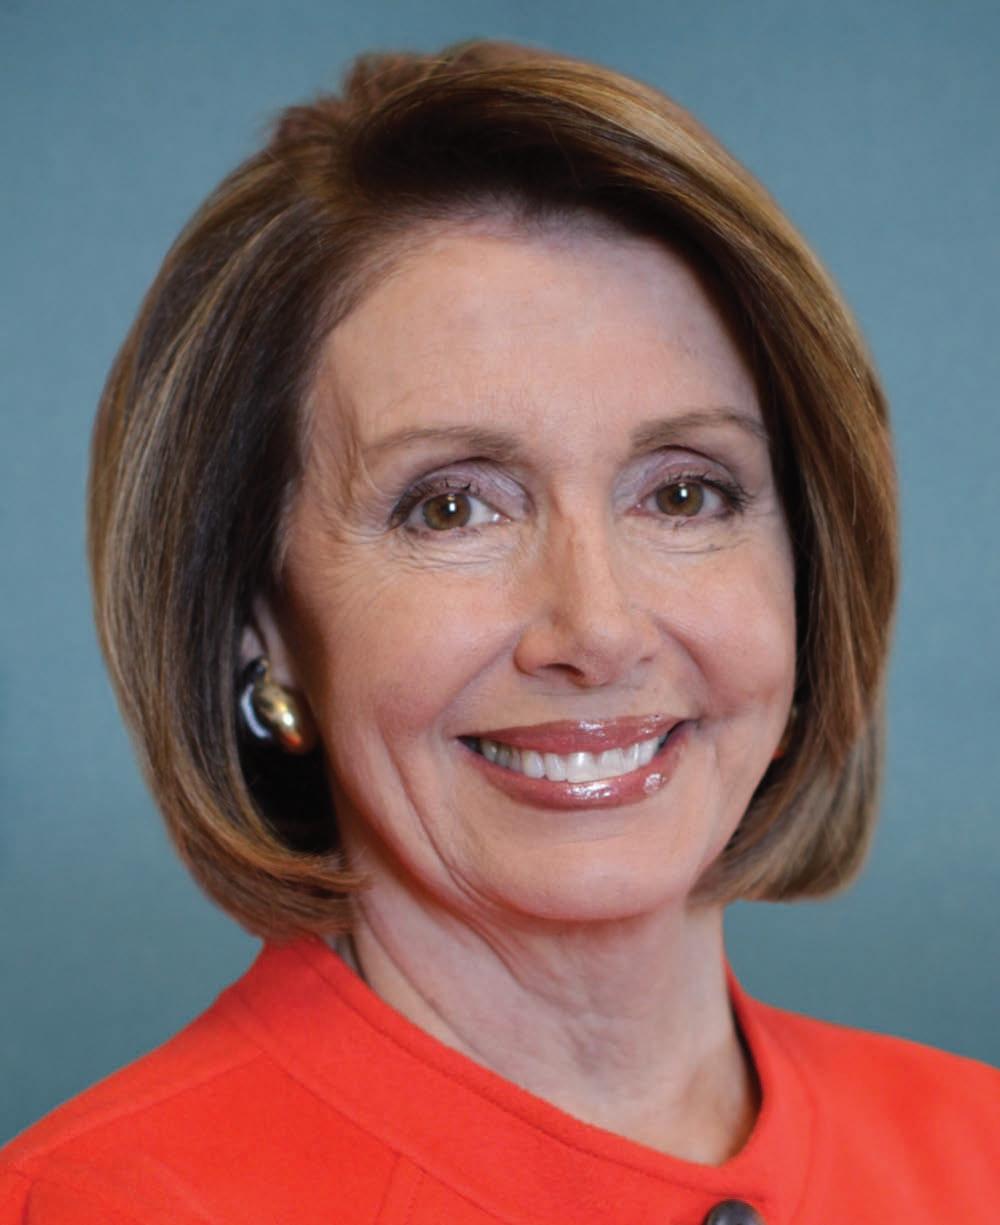 a pretty picutre of Pelosi